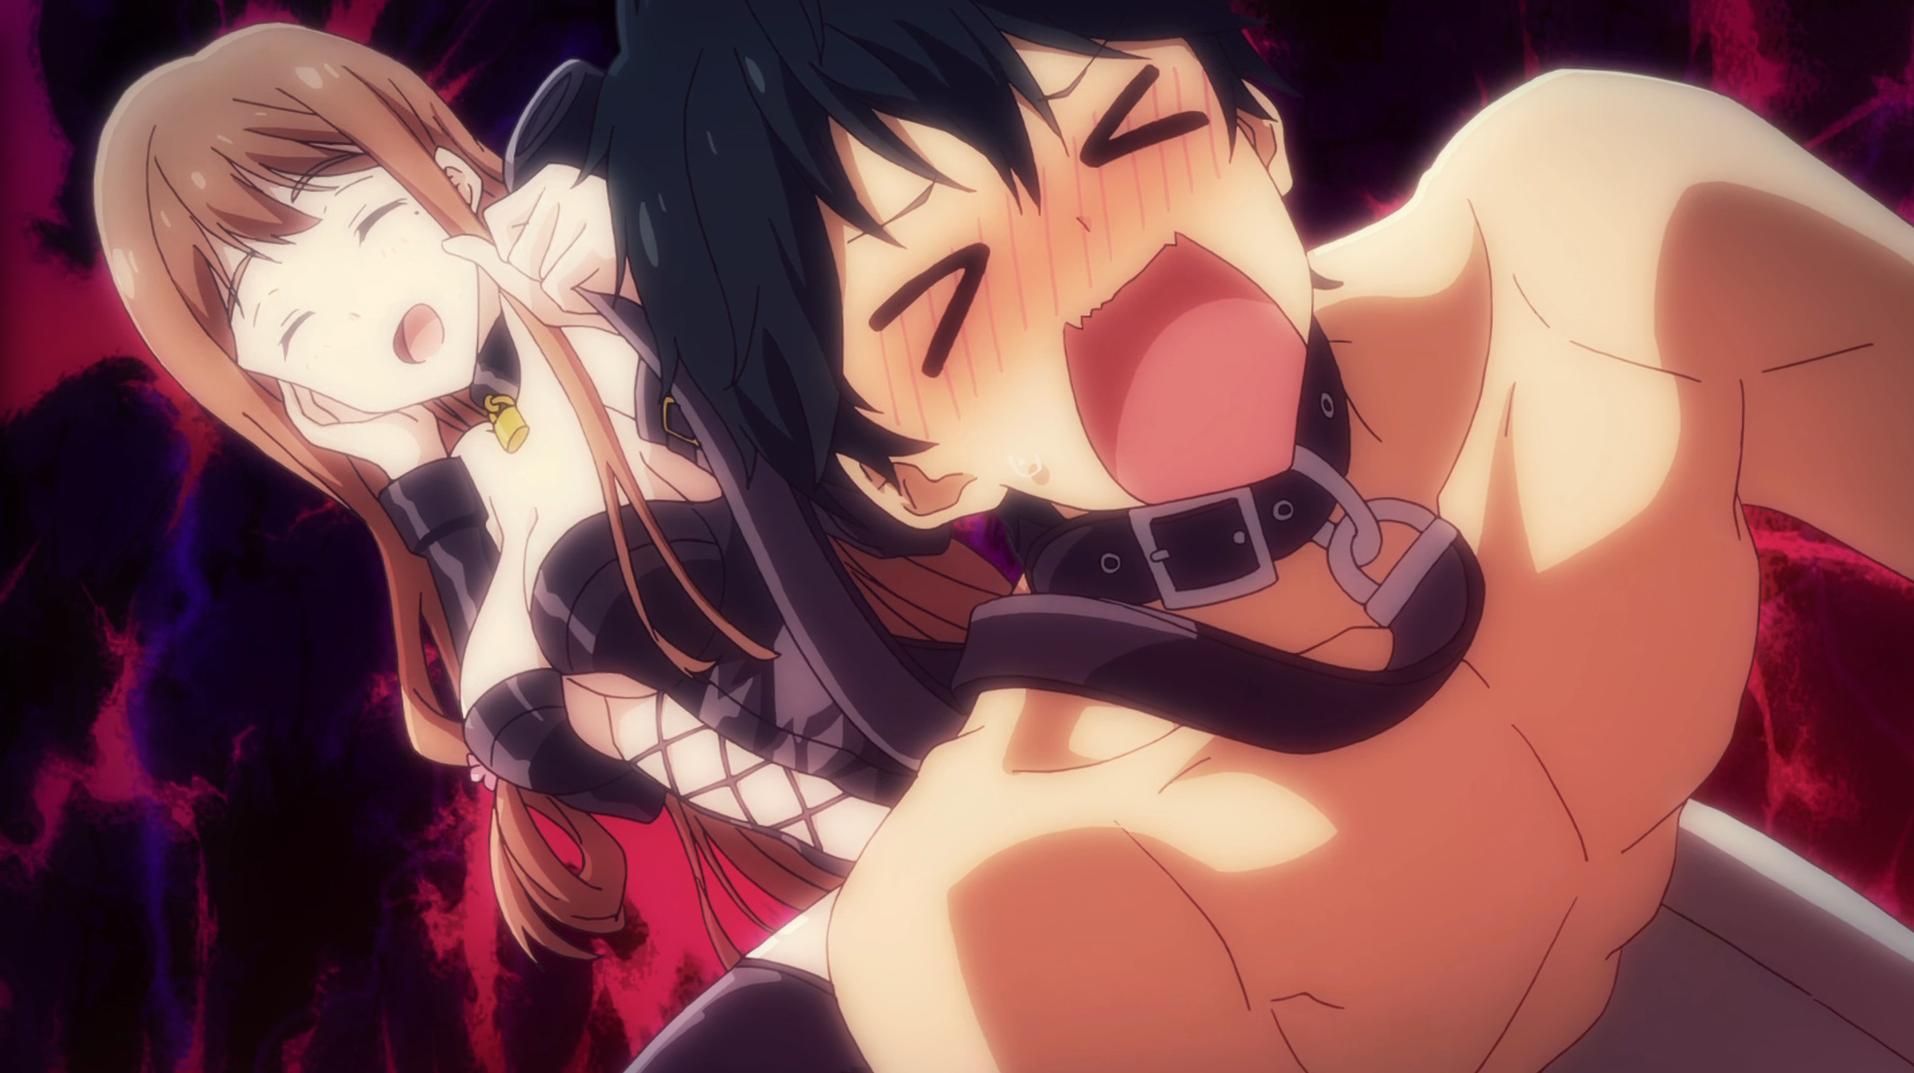 masamune-kuns-revenge